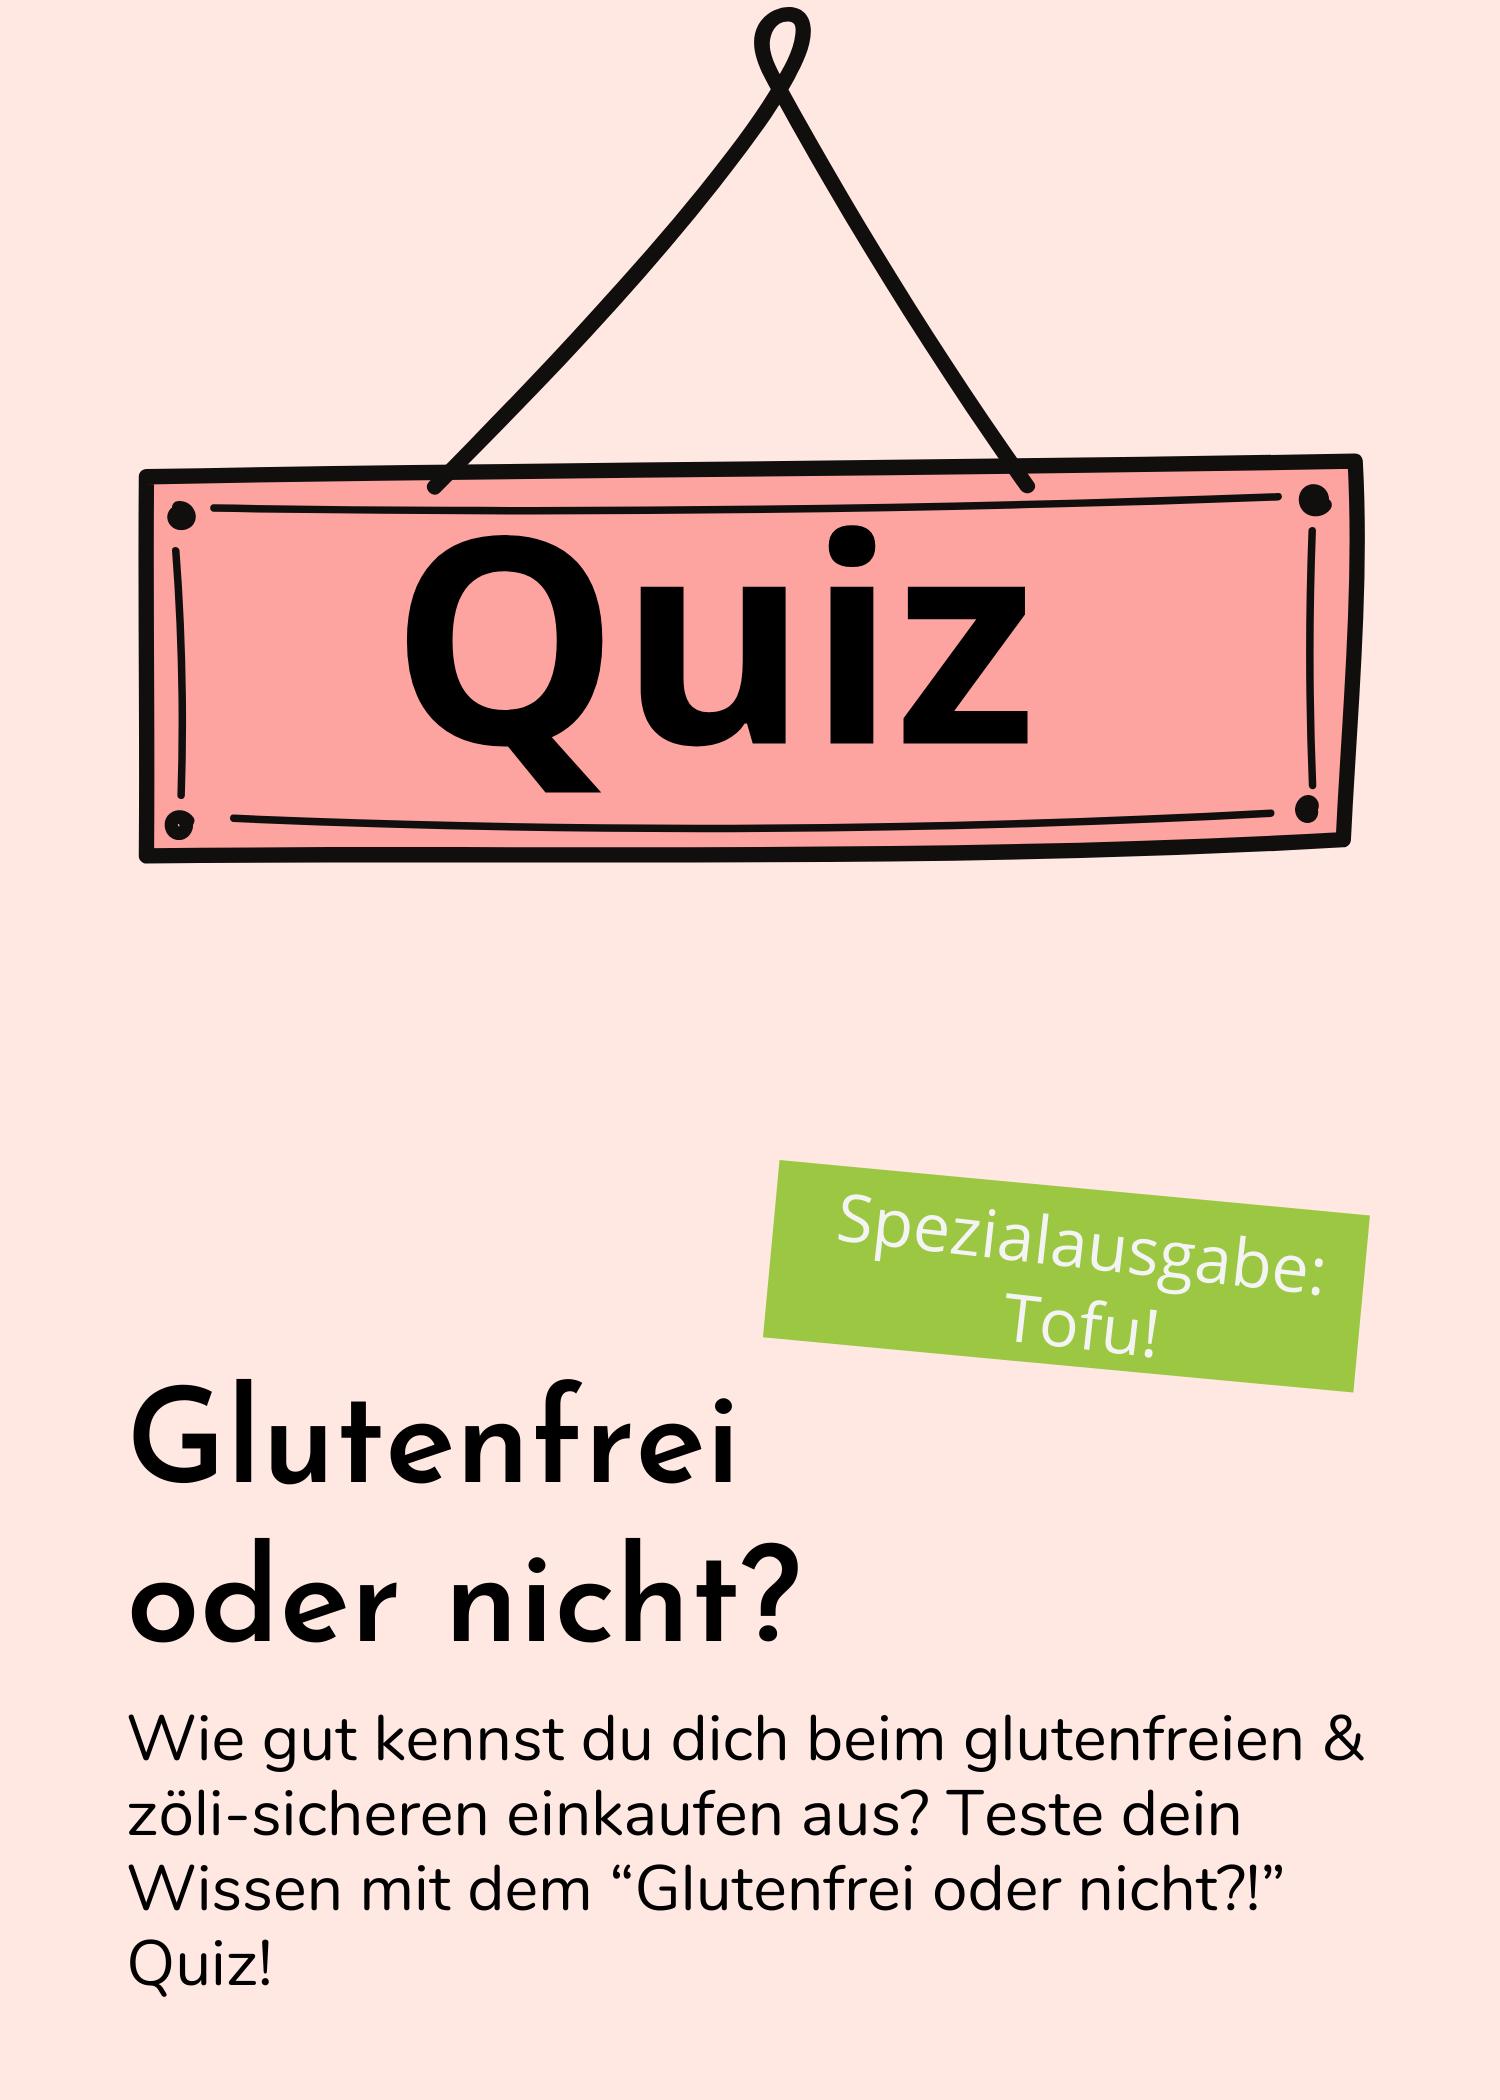 Glutenfrei oder nicht - das Quiz! Spezialausgabe: Ist Tofu glutenfrei?